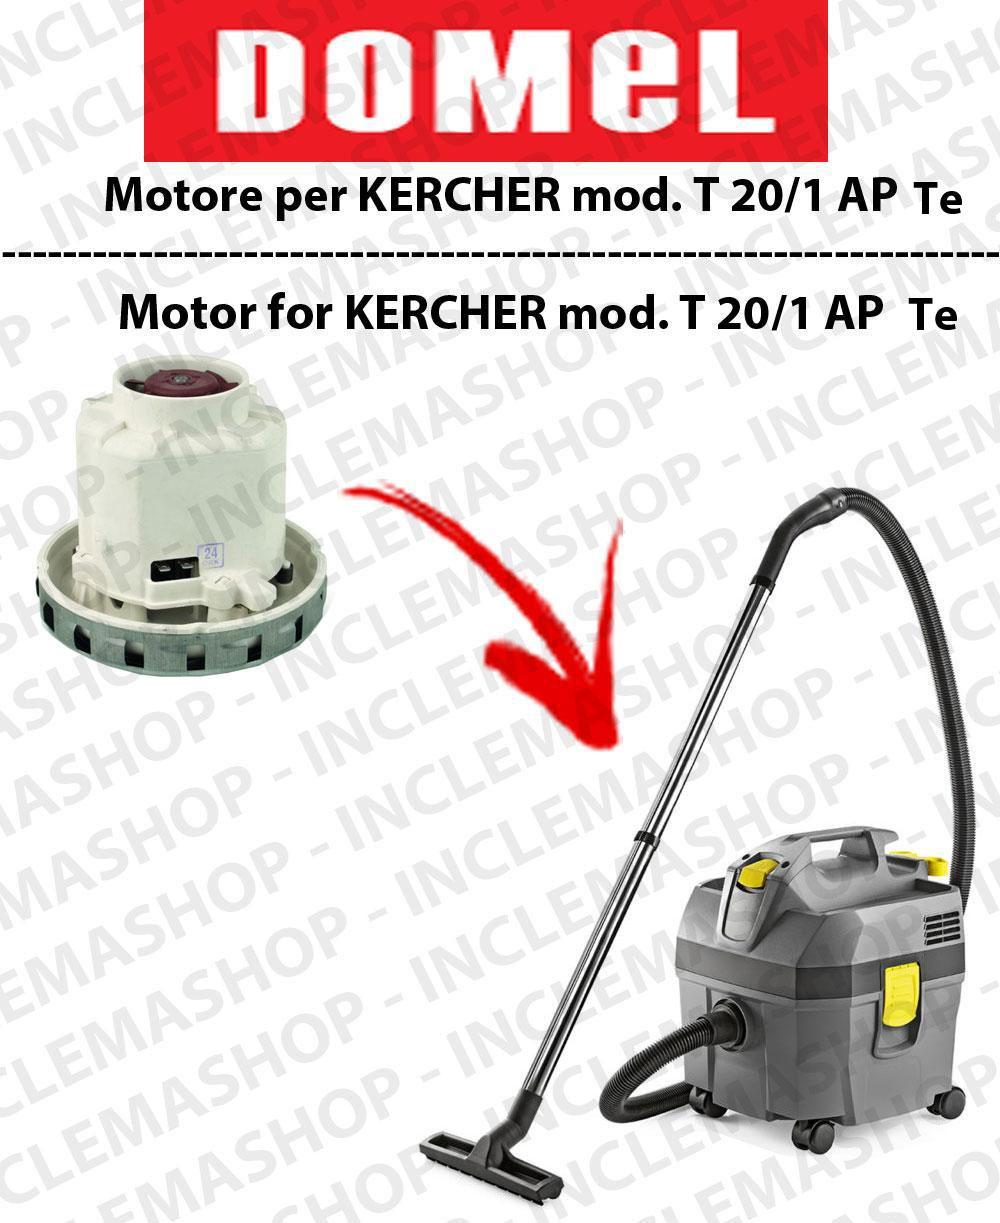 NT 20/1 AP Te Saugmotor DOMEL für Staubsauger KARCHER